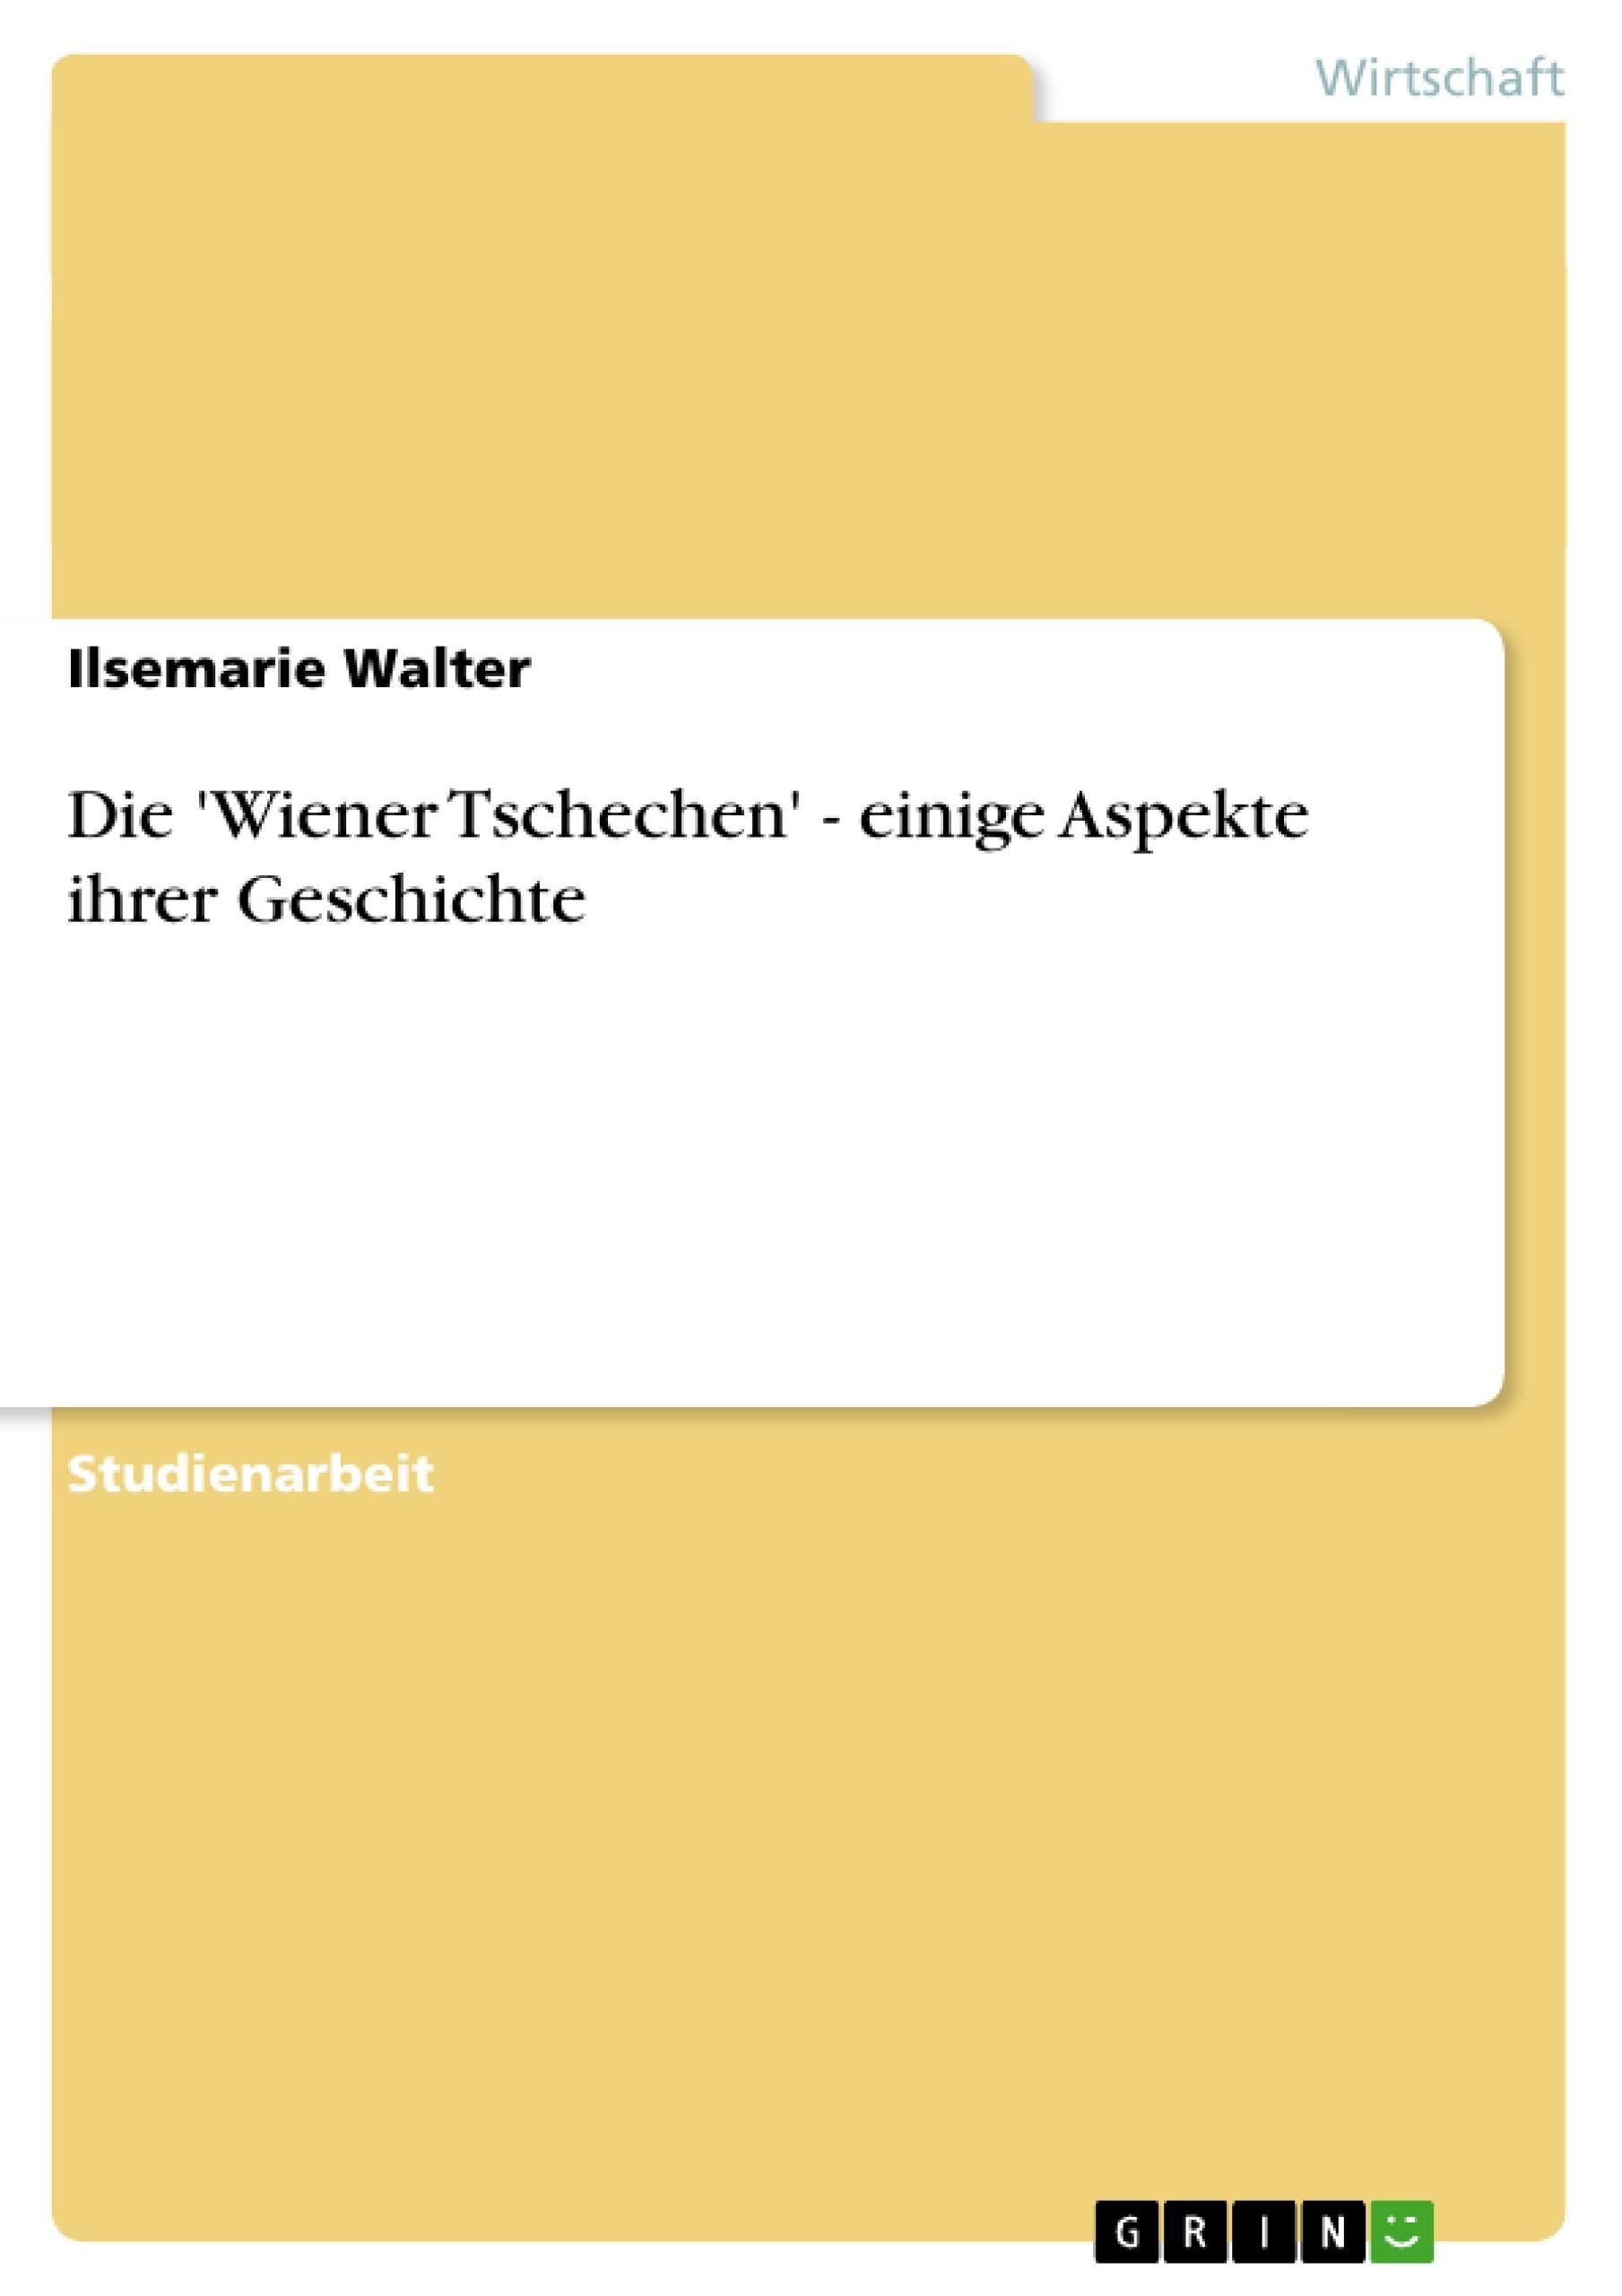 Titel: Die 'Wiener Tschechen' - einige Aspekte ihrer Geschichte